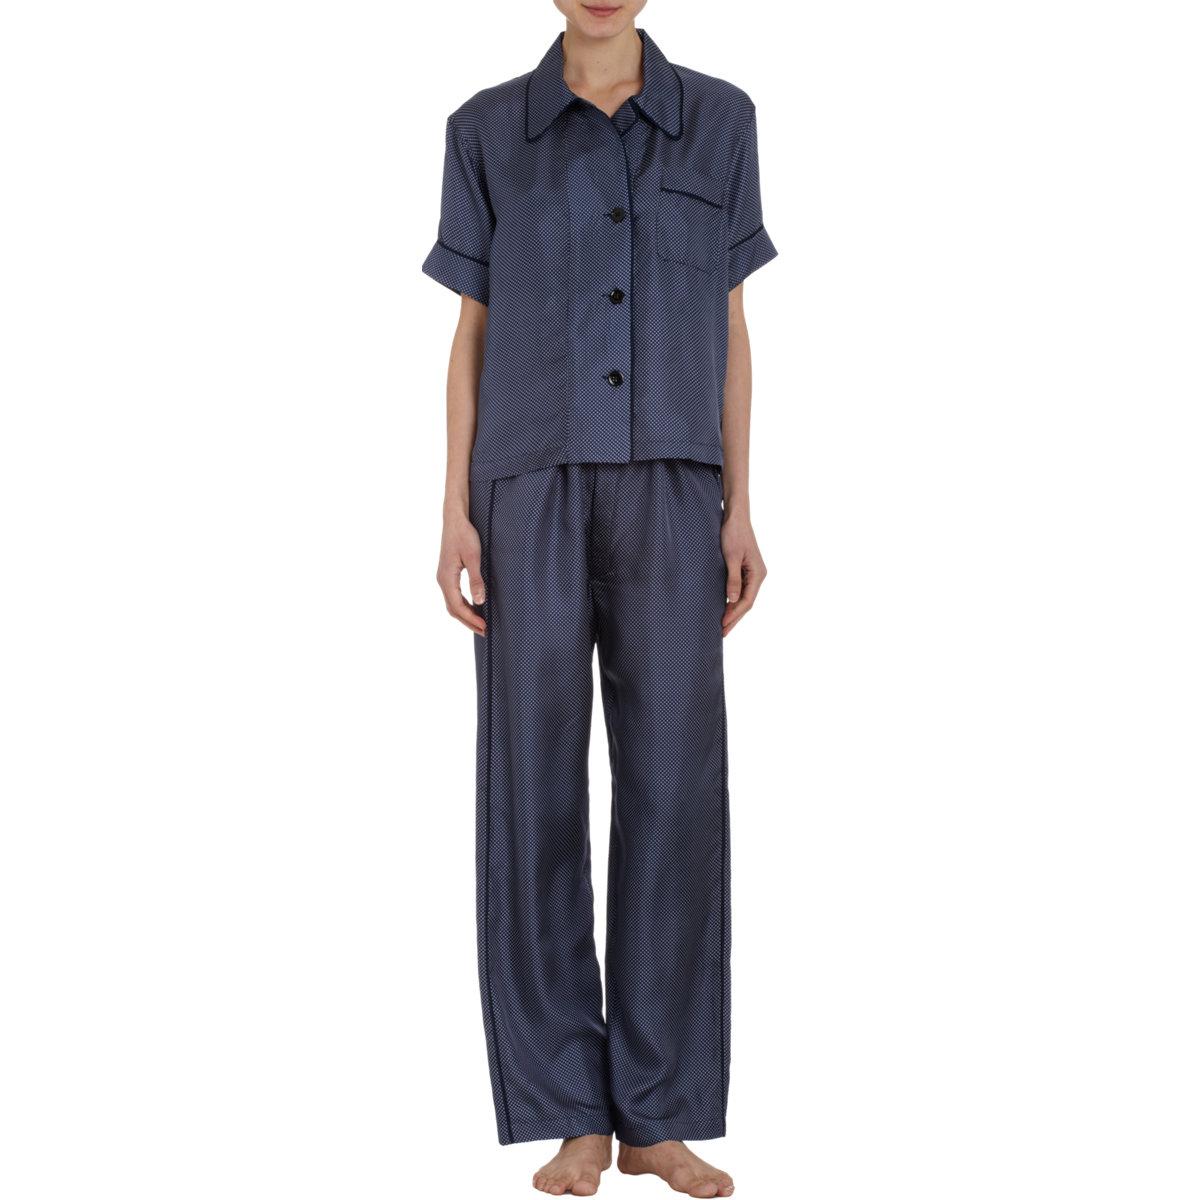 a1ecd245d25f6 Lyst - Araks Shelby Polka Dot Pajama Top in Blue